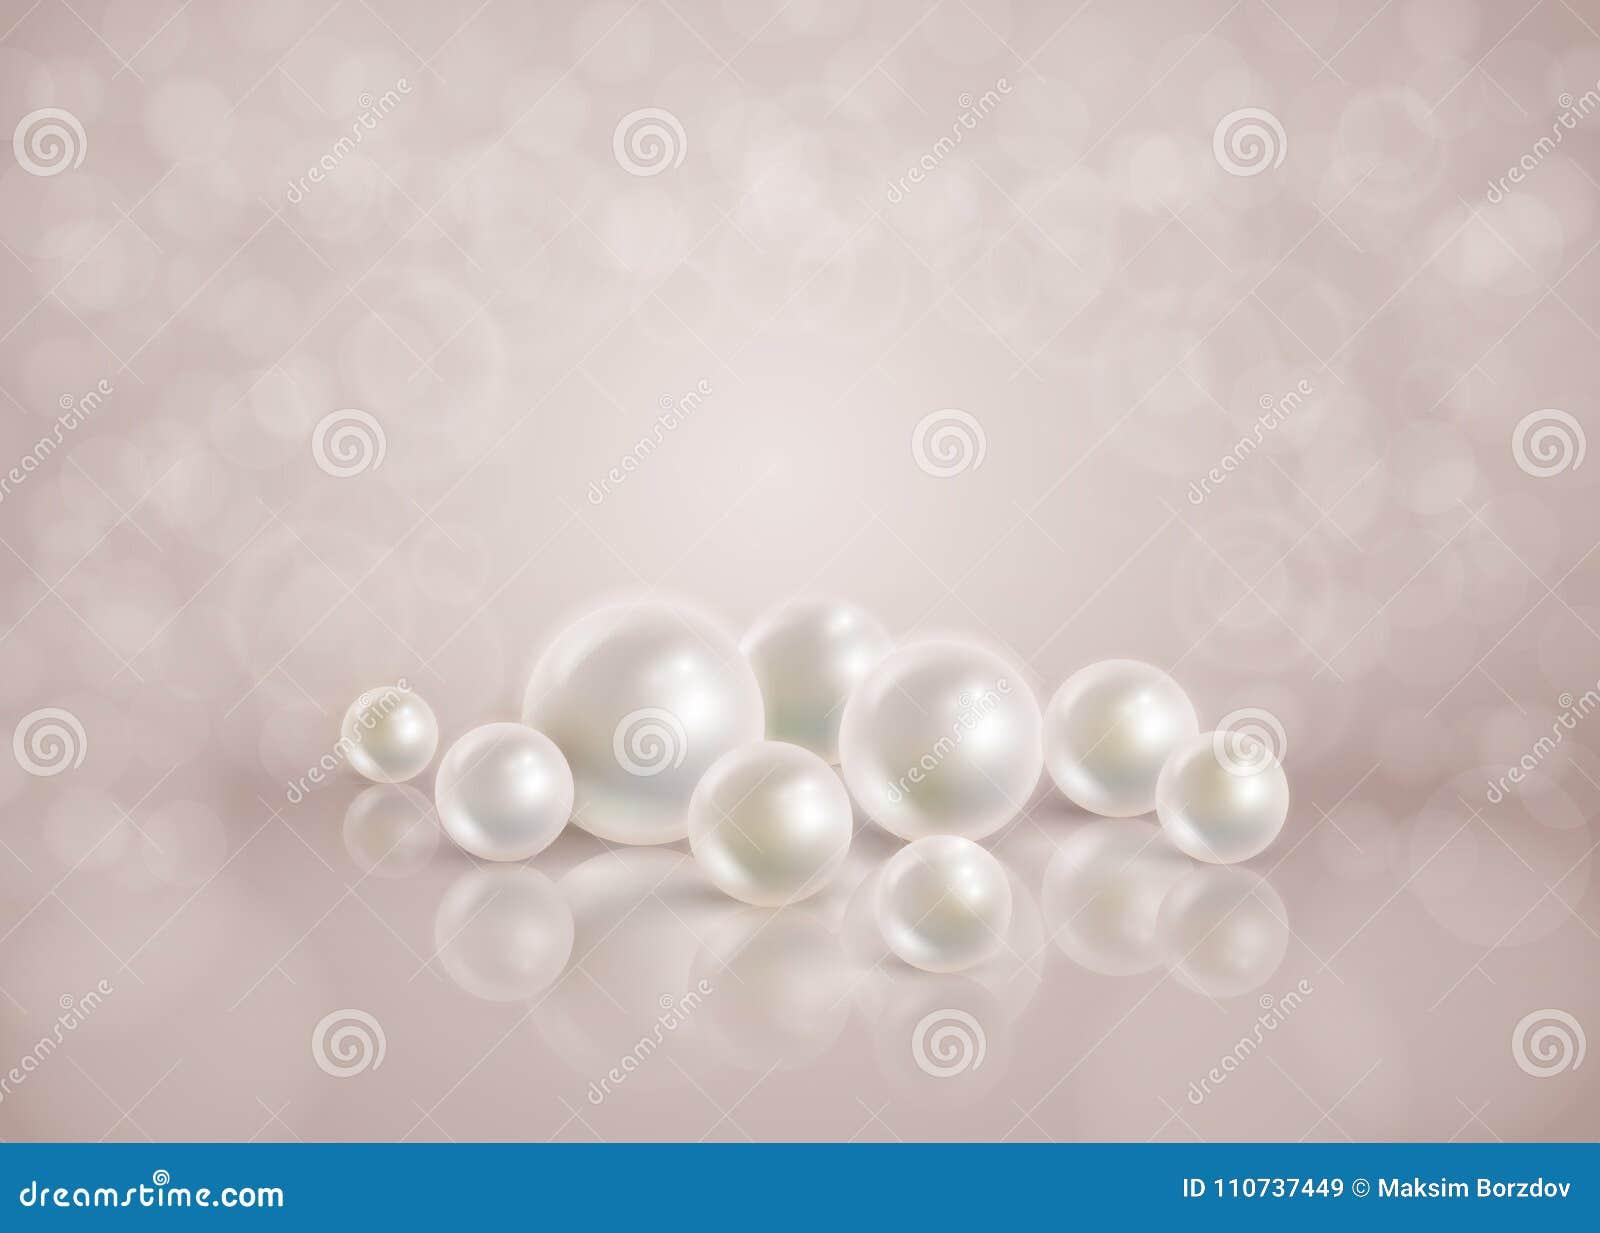 Fondo romántico abstracto del bokeh con las perlas dispersadas